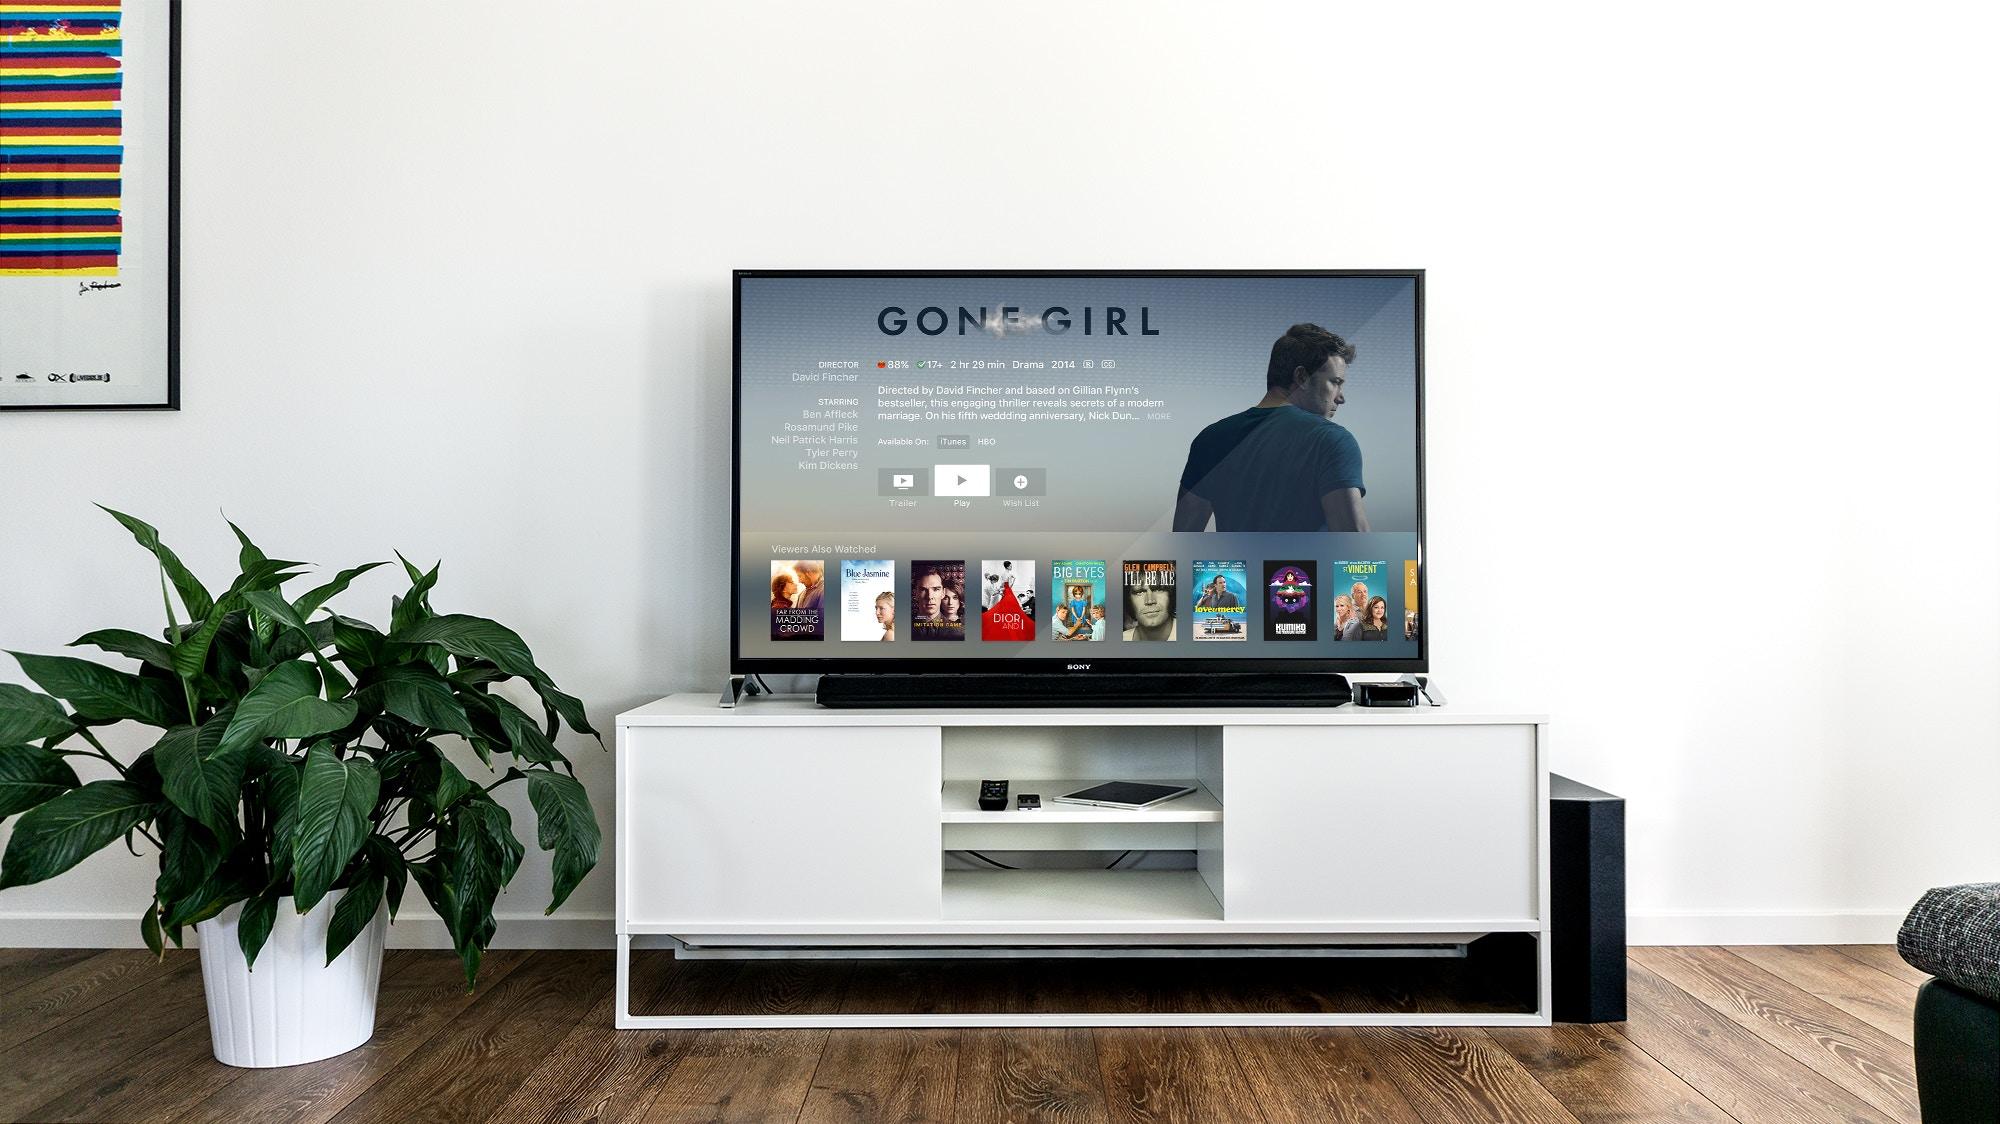 Netflix sube sus precios en EU y algunos mercados de América Latina